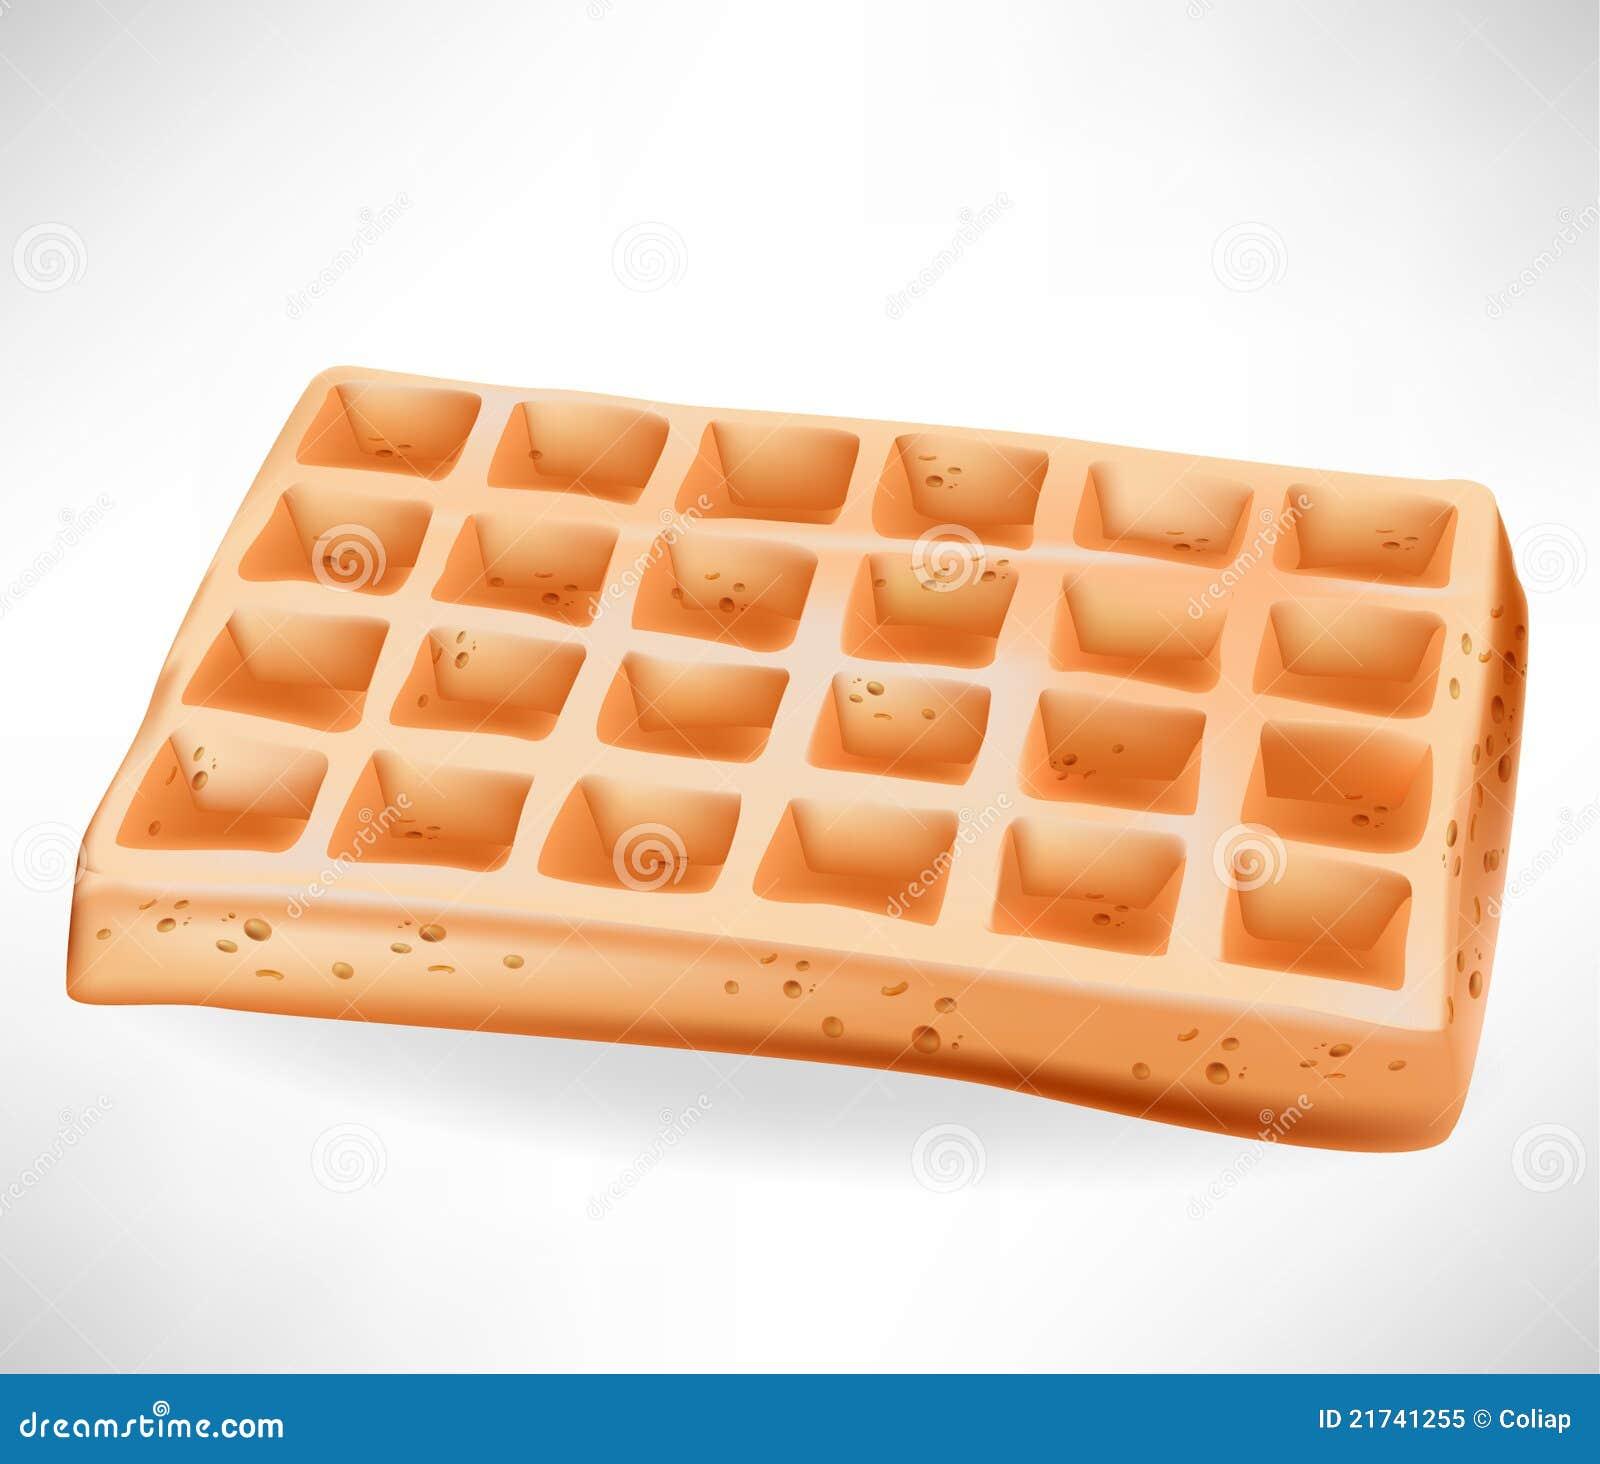 Simple Belgian Waffle Royalty Free Stock Photo Image 21741255